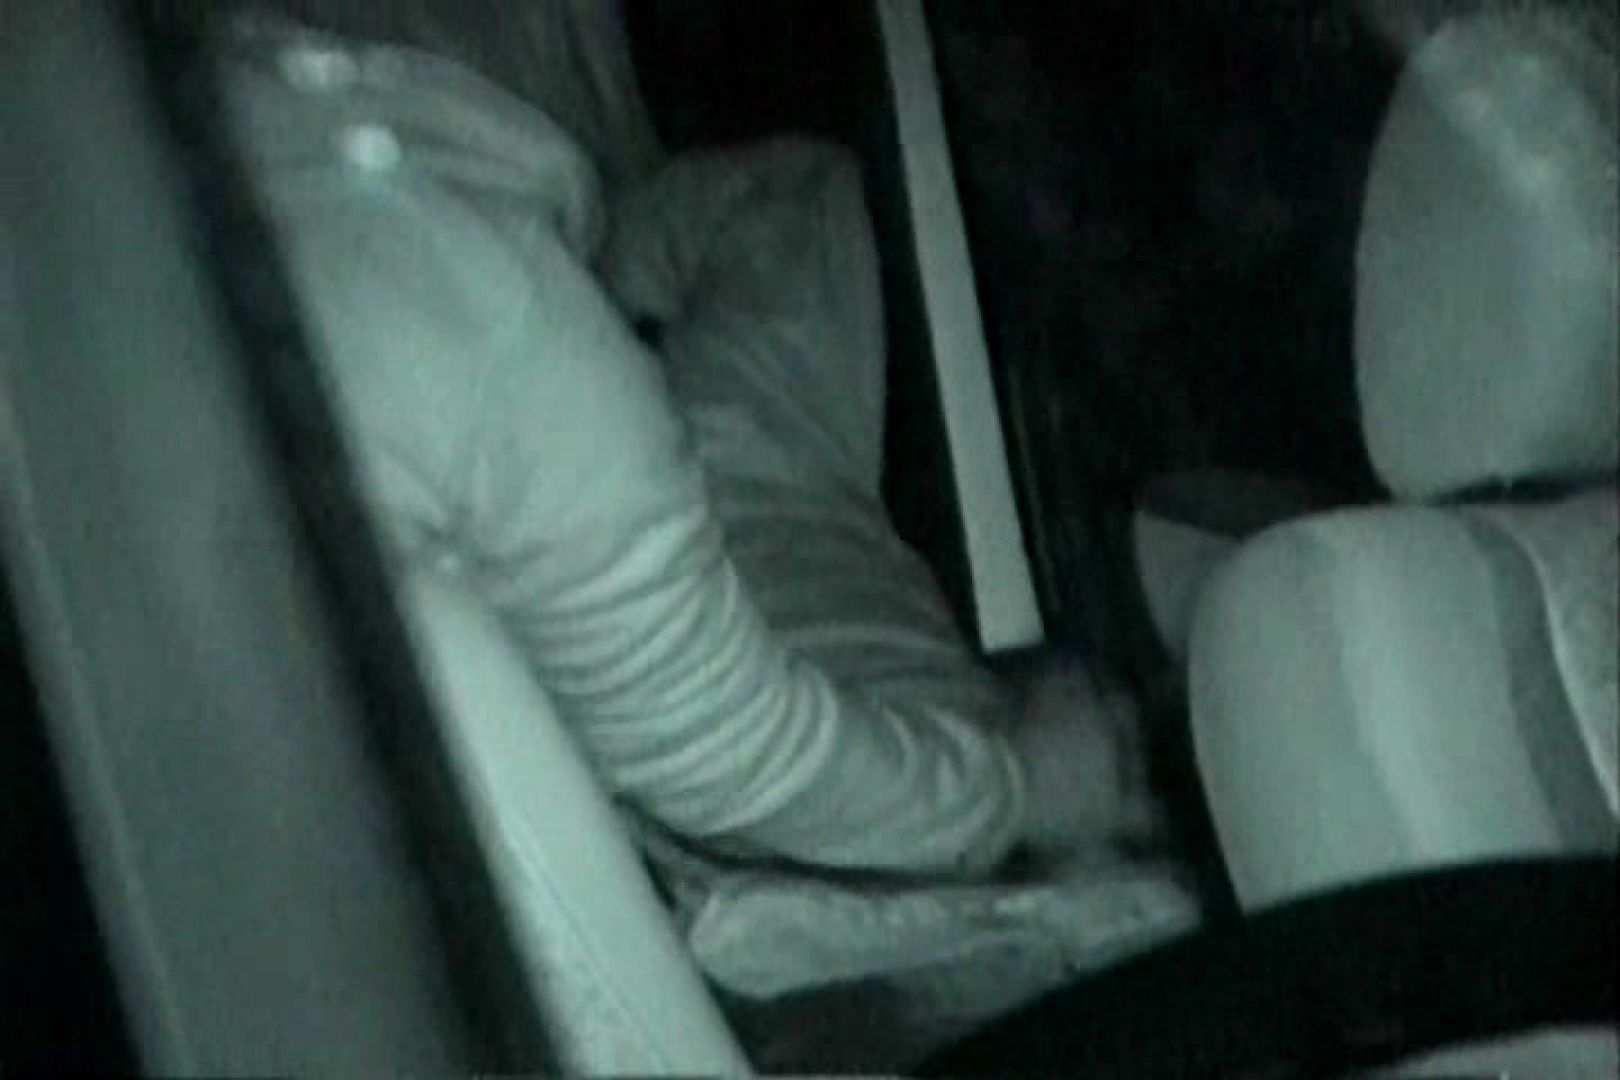 充血監督の深夜の運動会Vol.126 車中はめどり 盗撮動画紹介 107画像 76